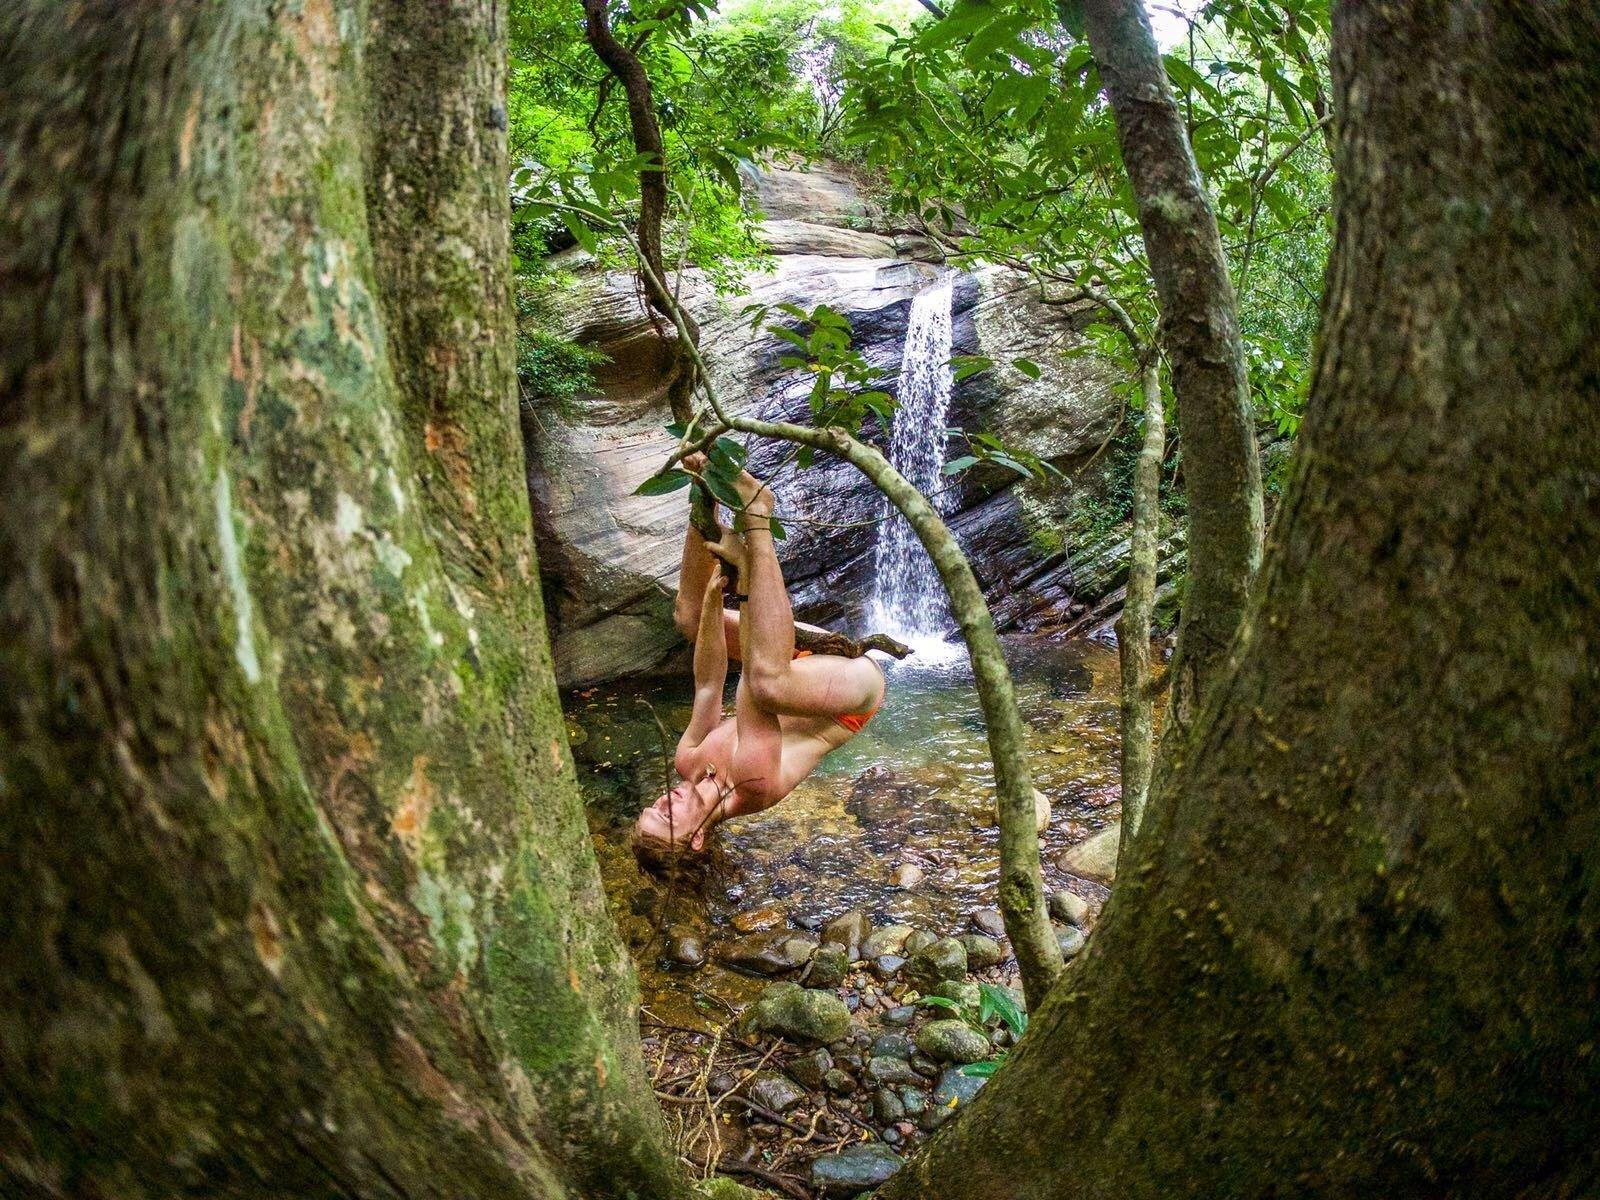 Meemure waterfall